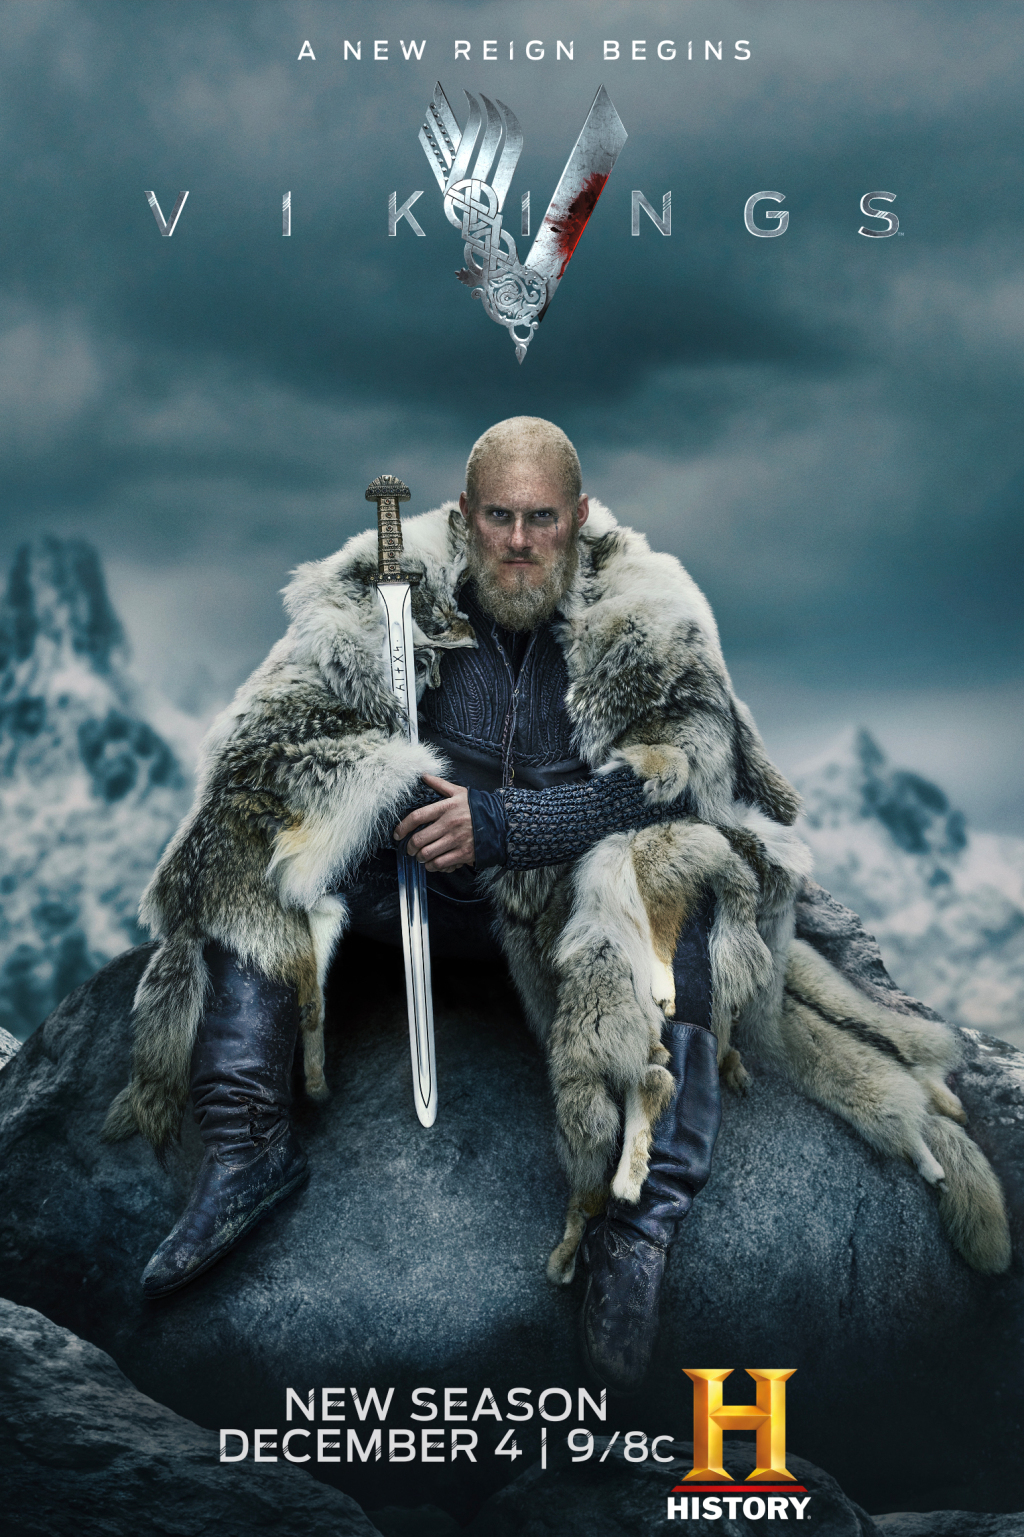 vikings-season-6-key-art-poster